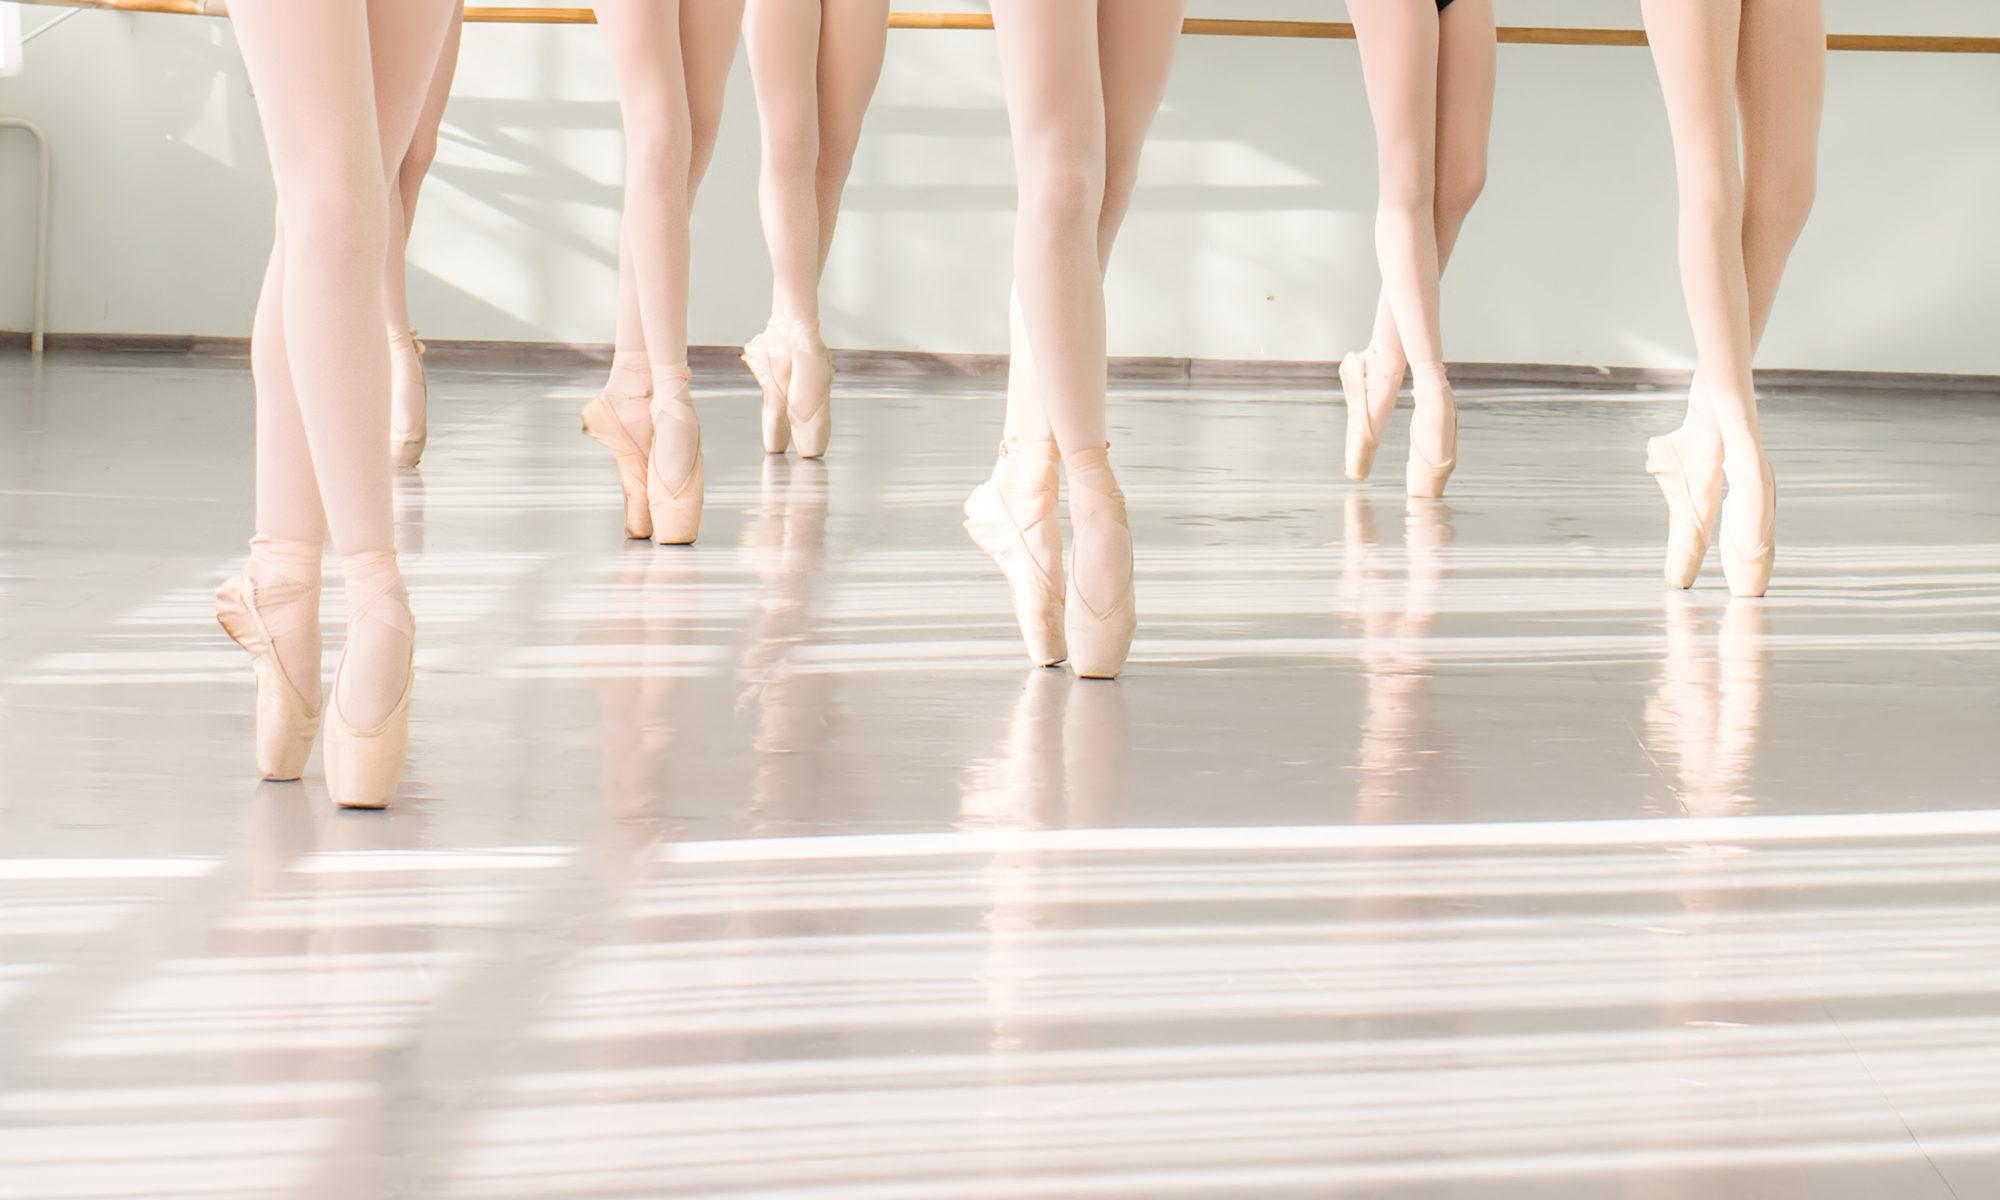 Балет для детей. Уфа. От 1800 р./мес. Танцы для девочек. Школа танцев. Балет для взрослых. Танцы для детей. Классическая хореография.